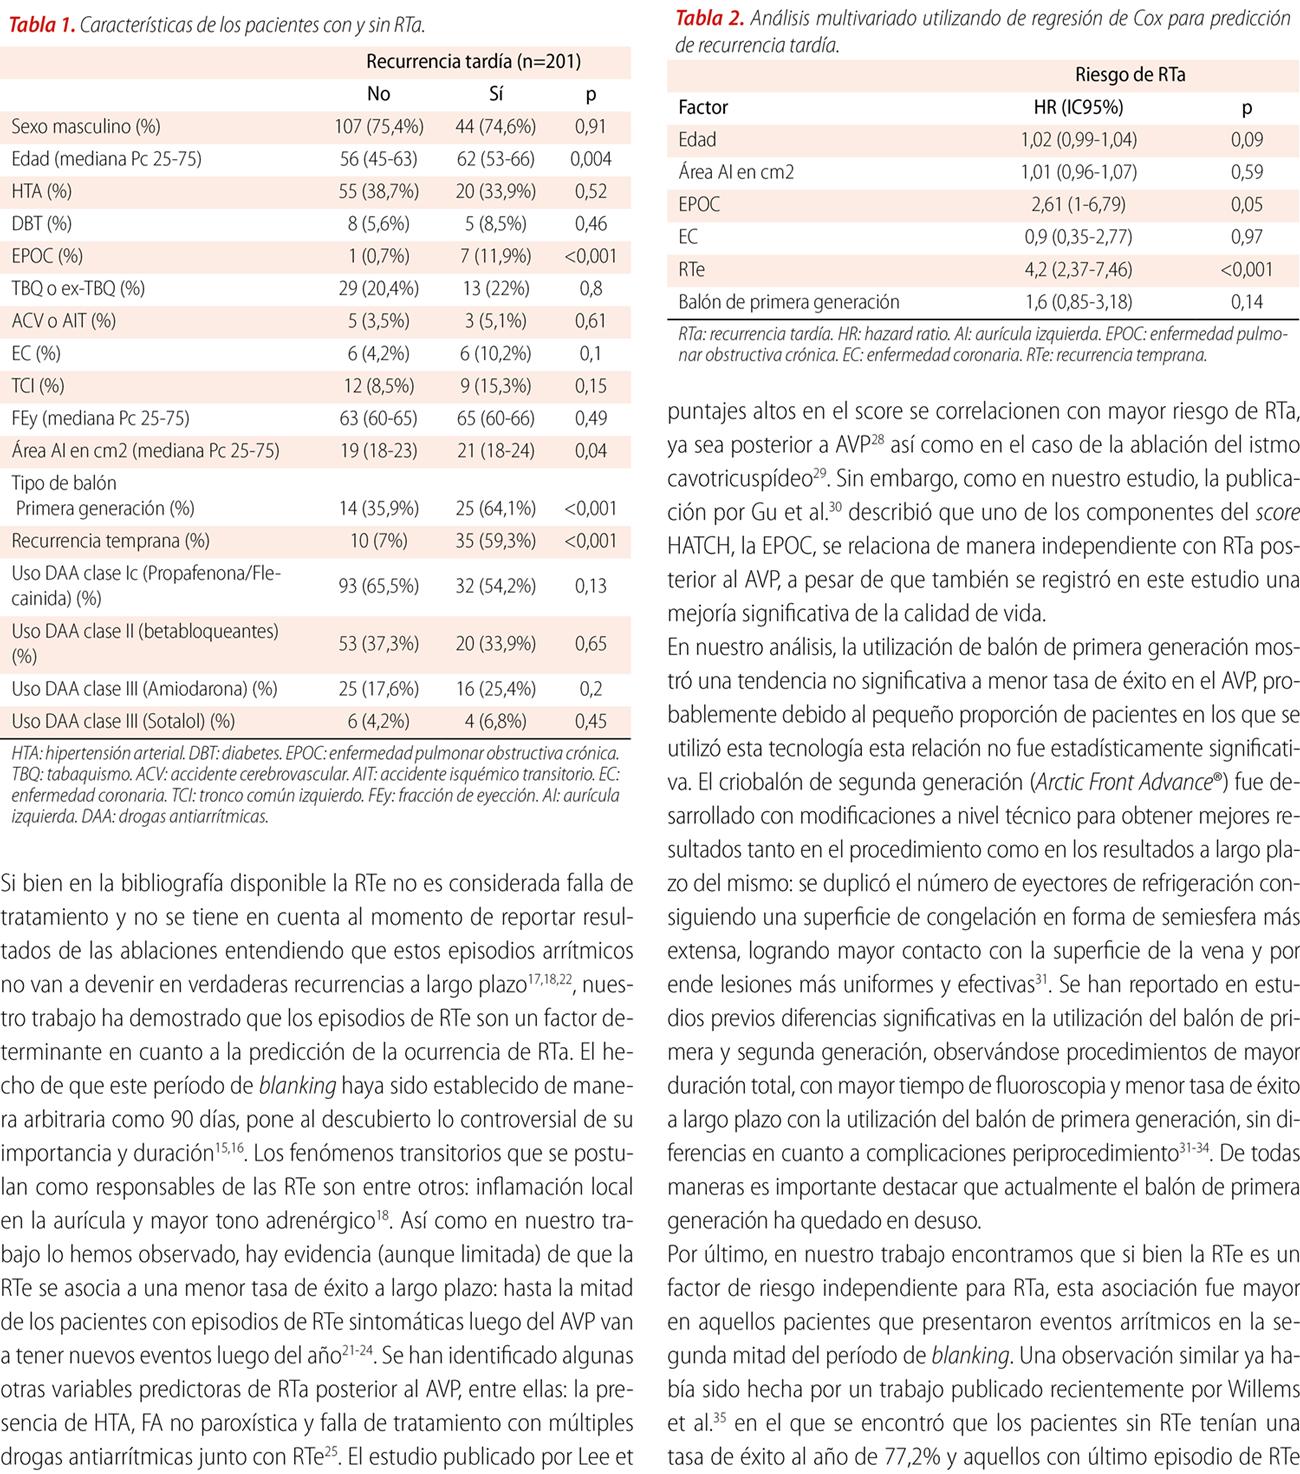 La recurrencia temprana y el éxito a un año del aislamiento de venas pulmonares con criobalón en fibrilación auricular paroxística